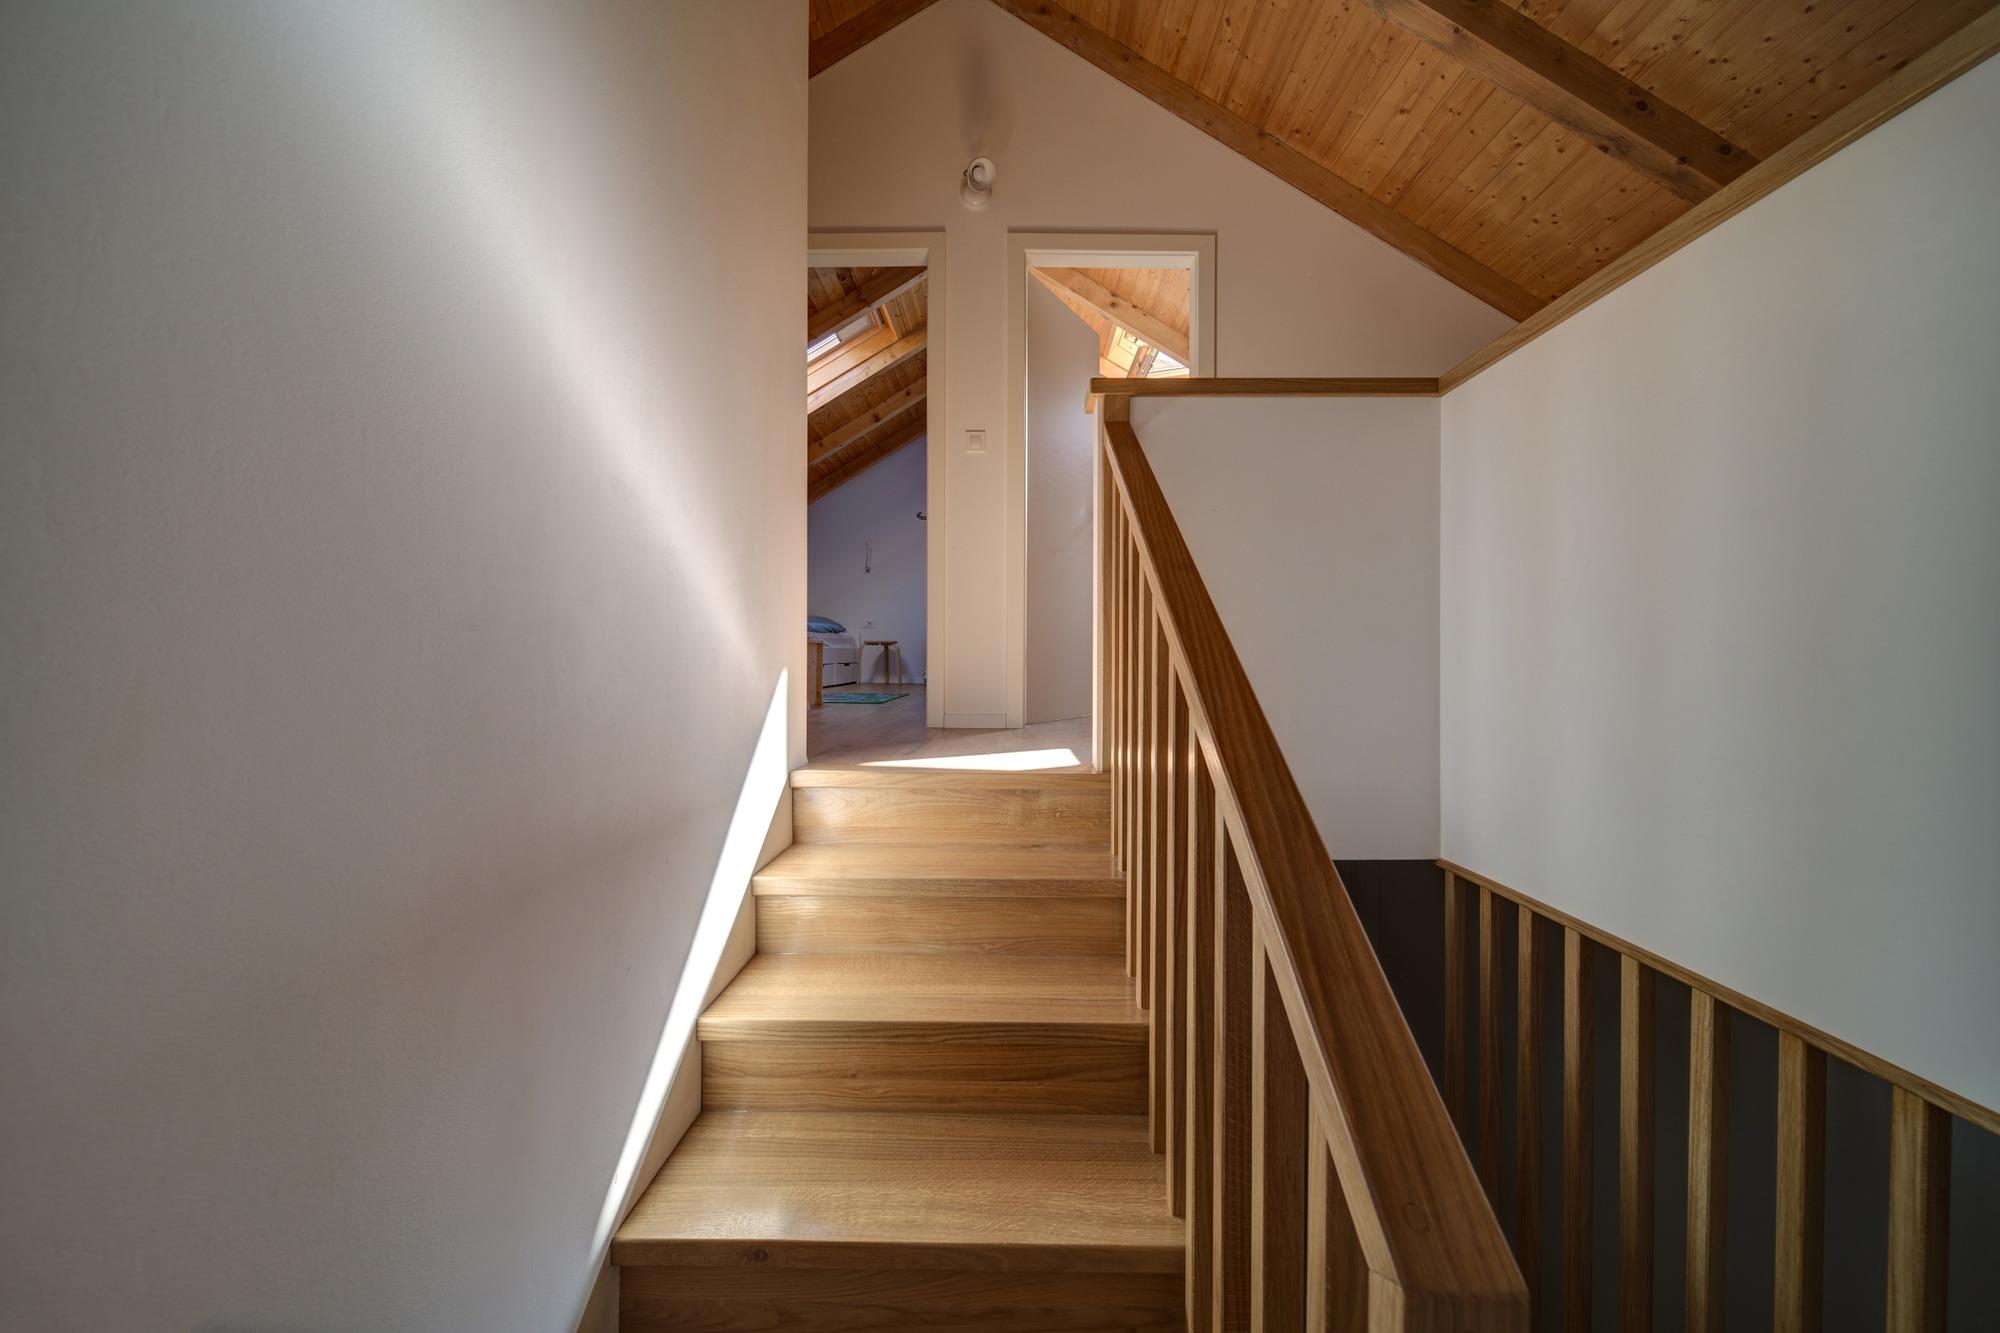 Potkrovlje obiteljske kuće arhitektice Ane Bosnić